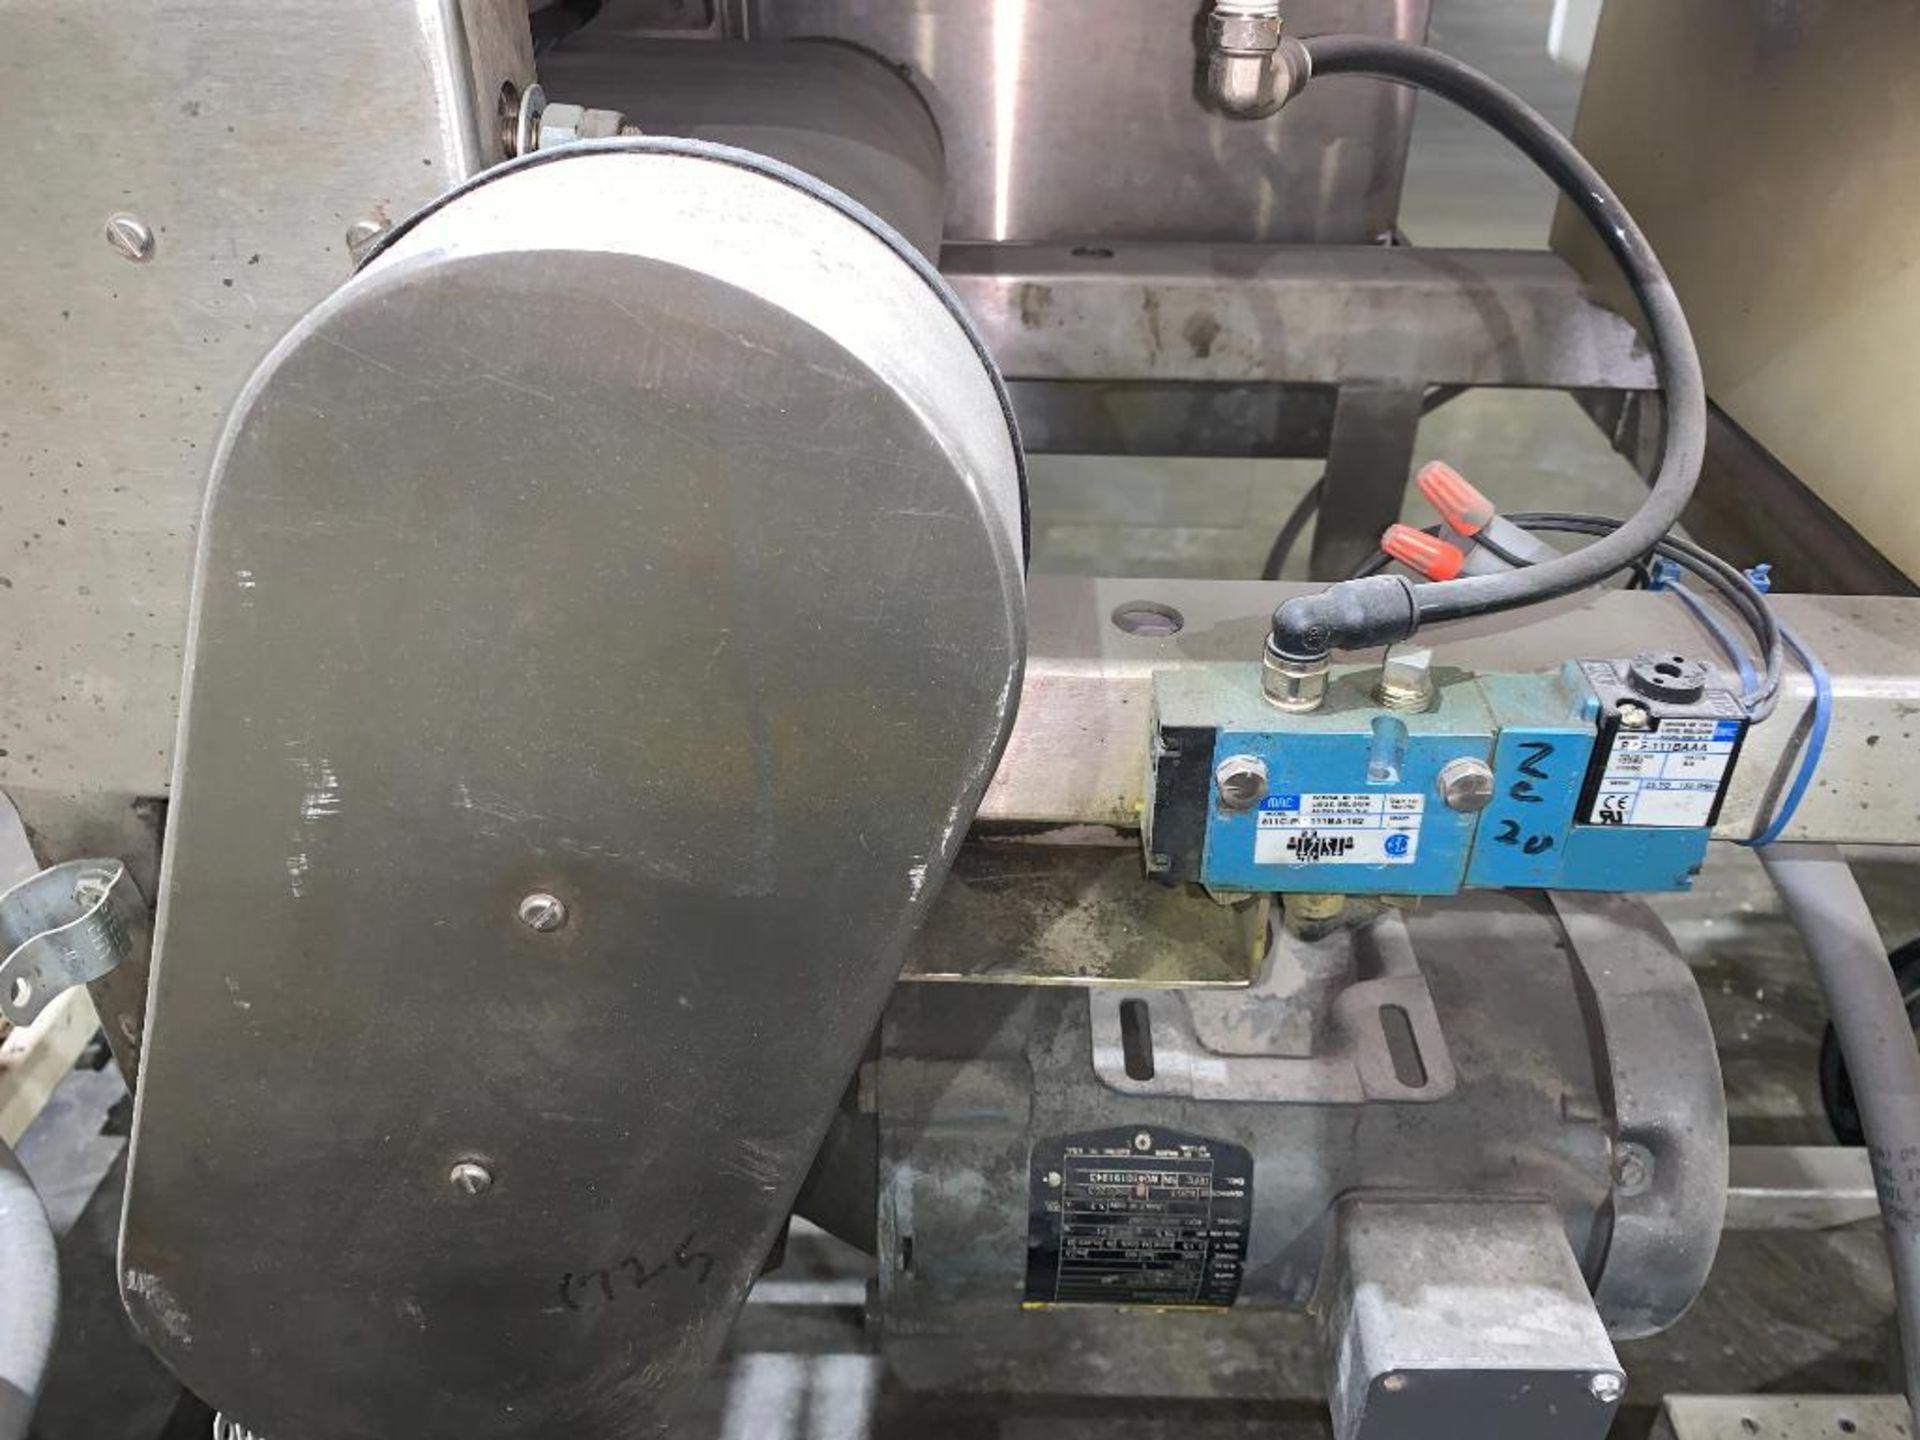 Mettler Toledo metal detector - Image 5 of 24